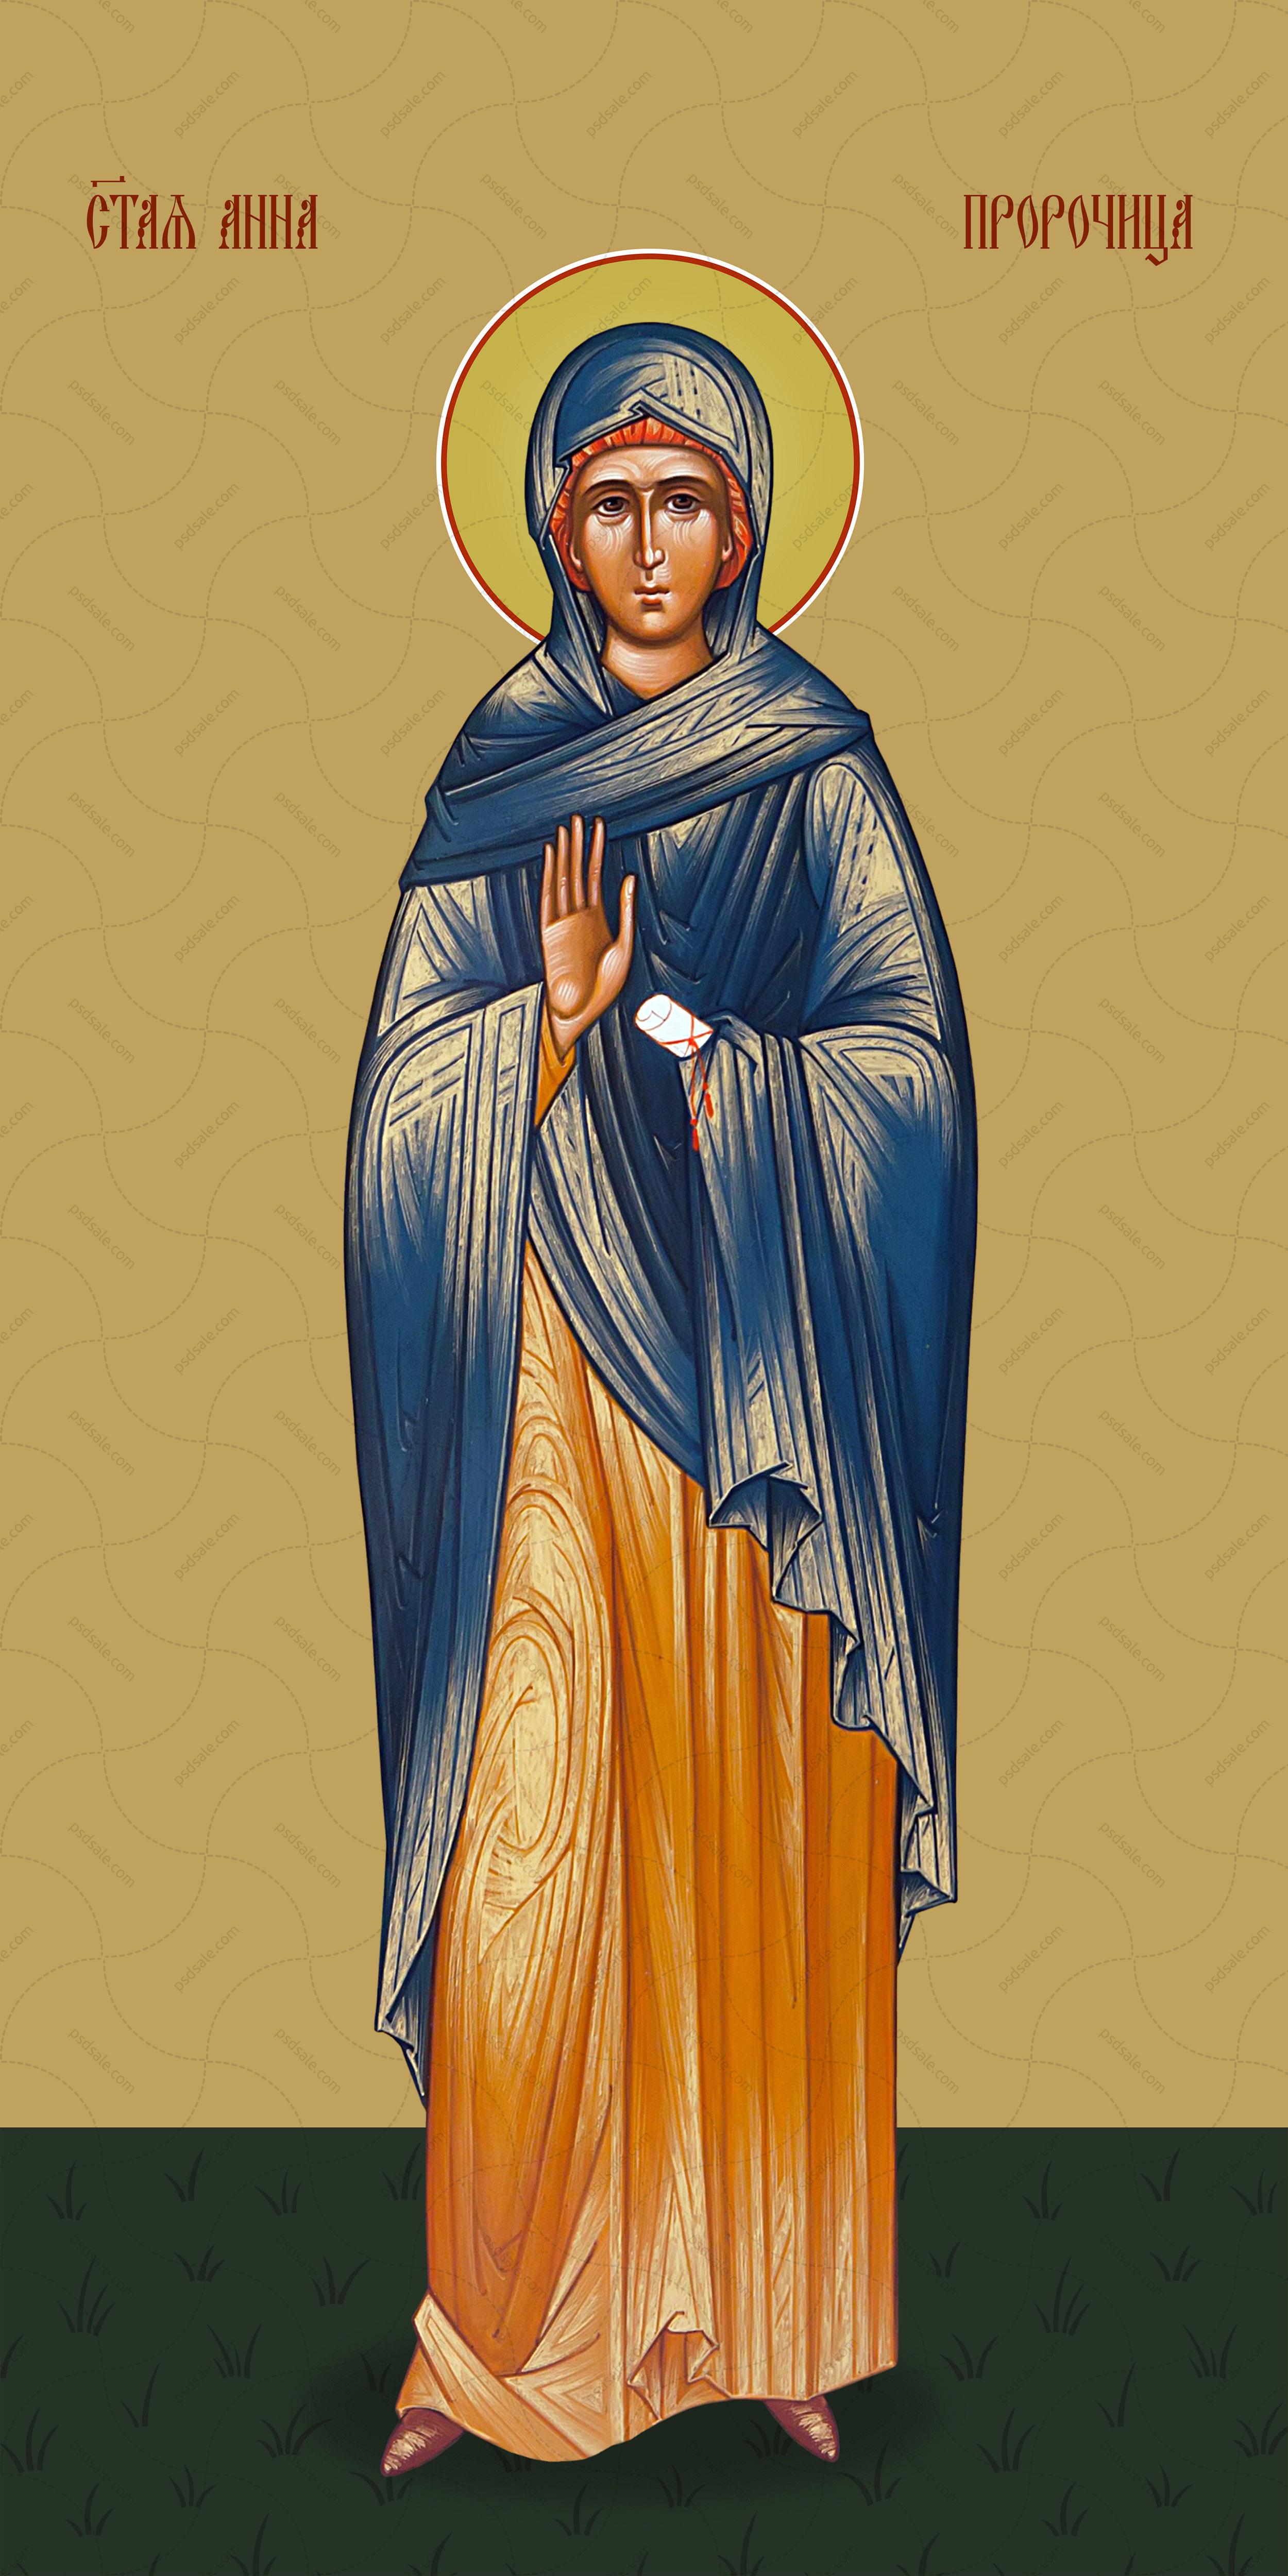 Мерная икона, Анна Пророчица, святая